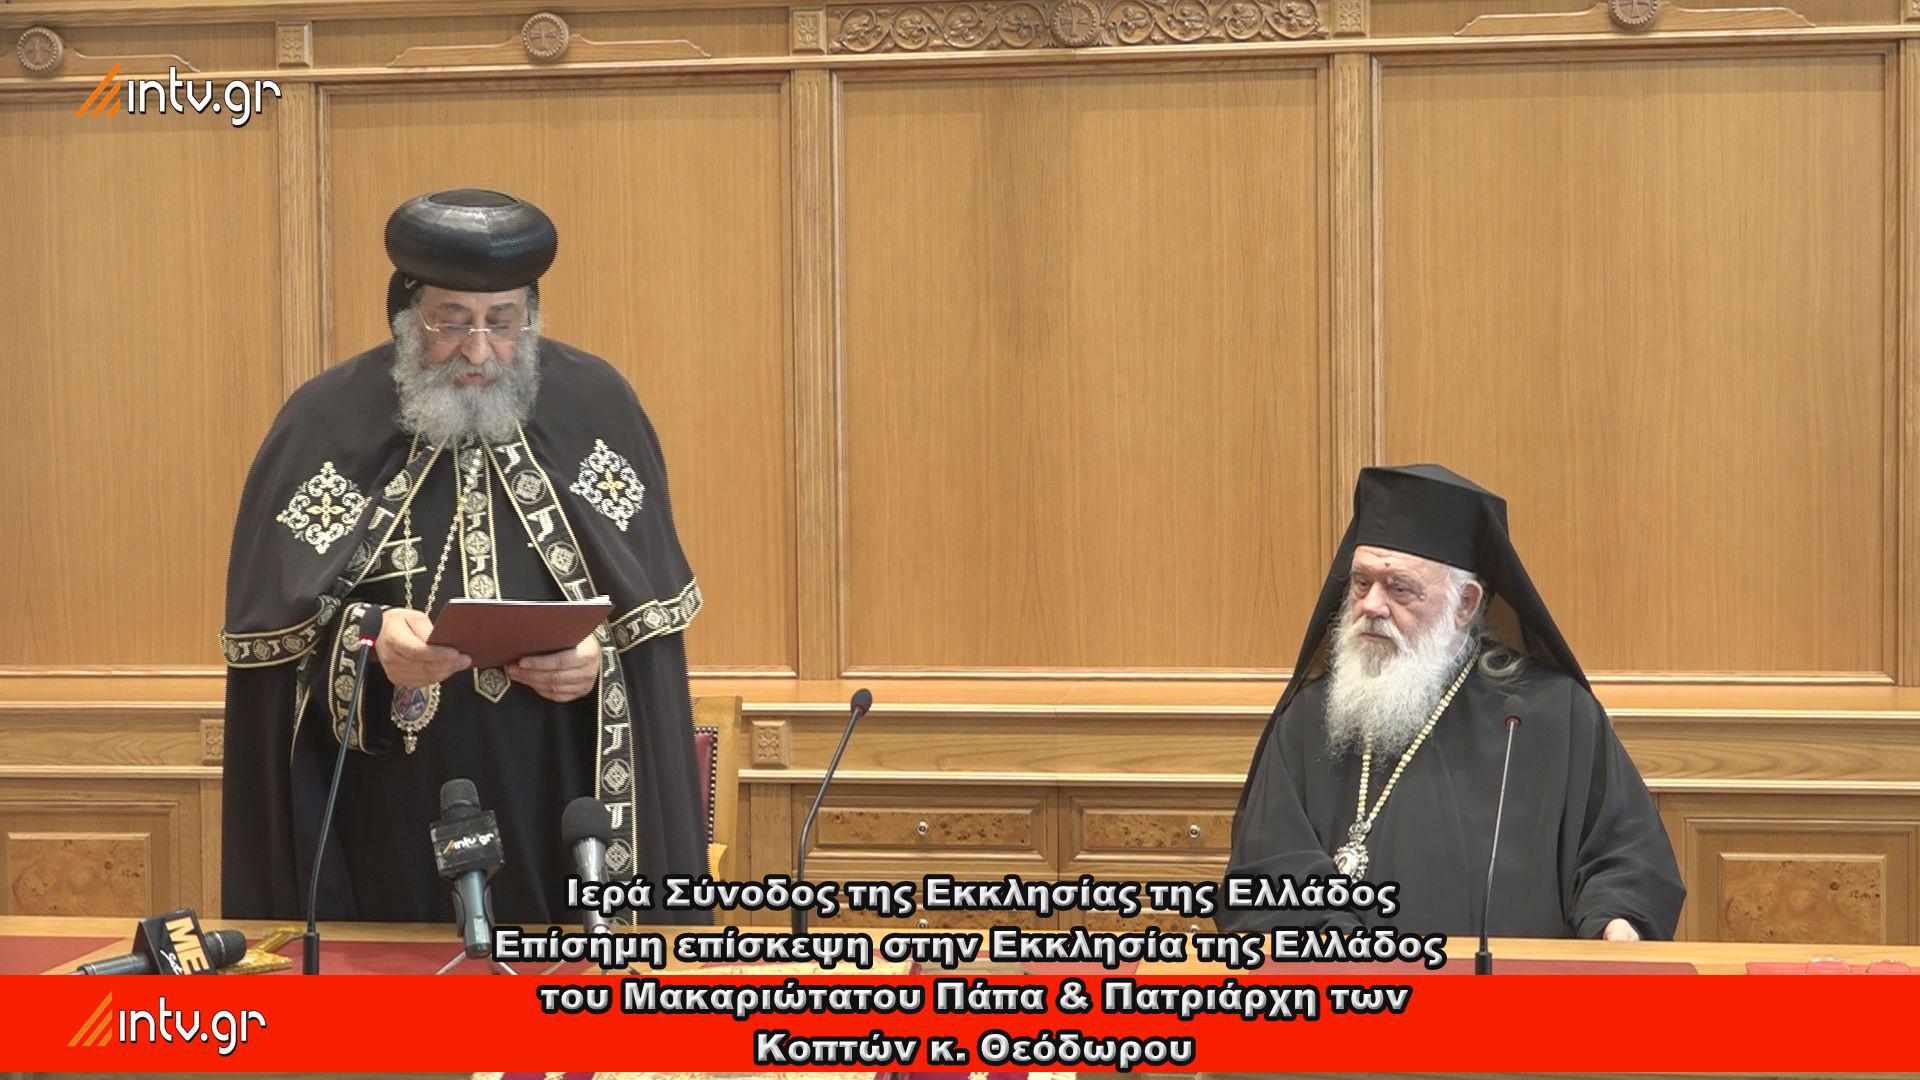 Ιερά Σύνοδος της Εκκλησίας της Ελλάδος - Επίσημη επίσκεψη στην Εκκλησία της Ελλάδος  του Μακαριώτατου Πάπα & Πατριάρχη των Κοπτών κ. Θεοδώρου